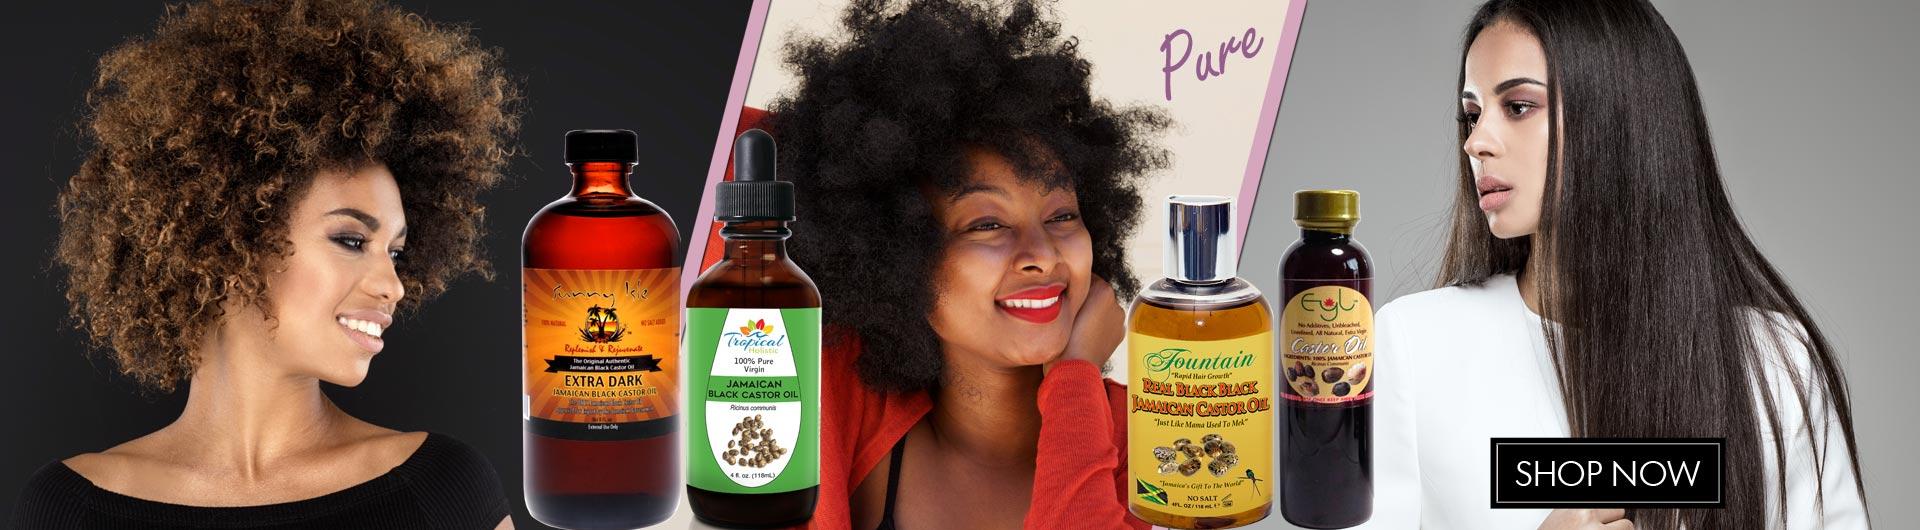 Pure Jamaican Castor Oil